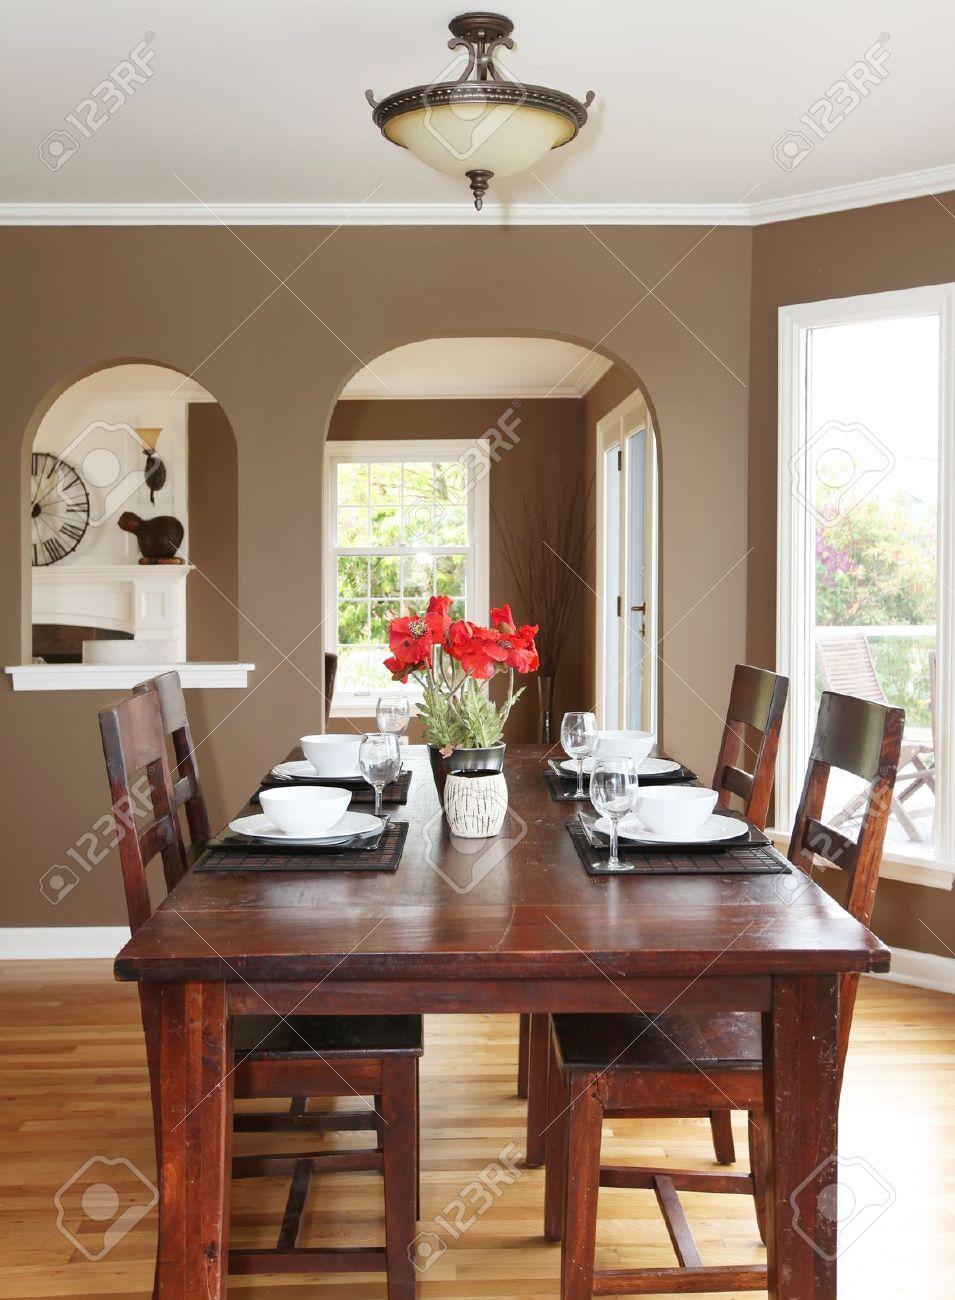 Comedor con paredes de color marrón y una mesa de madera en la casa de lujo.